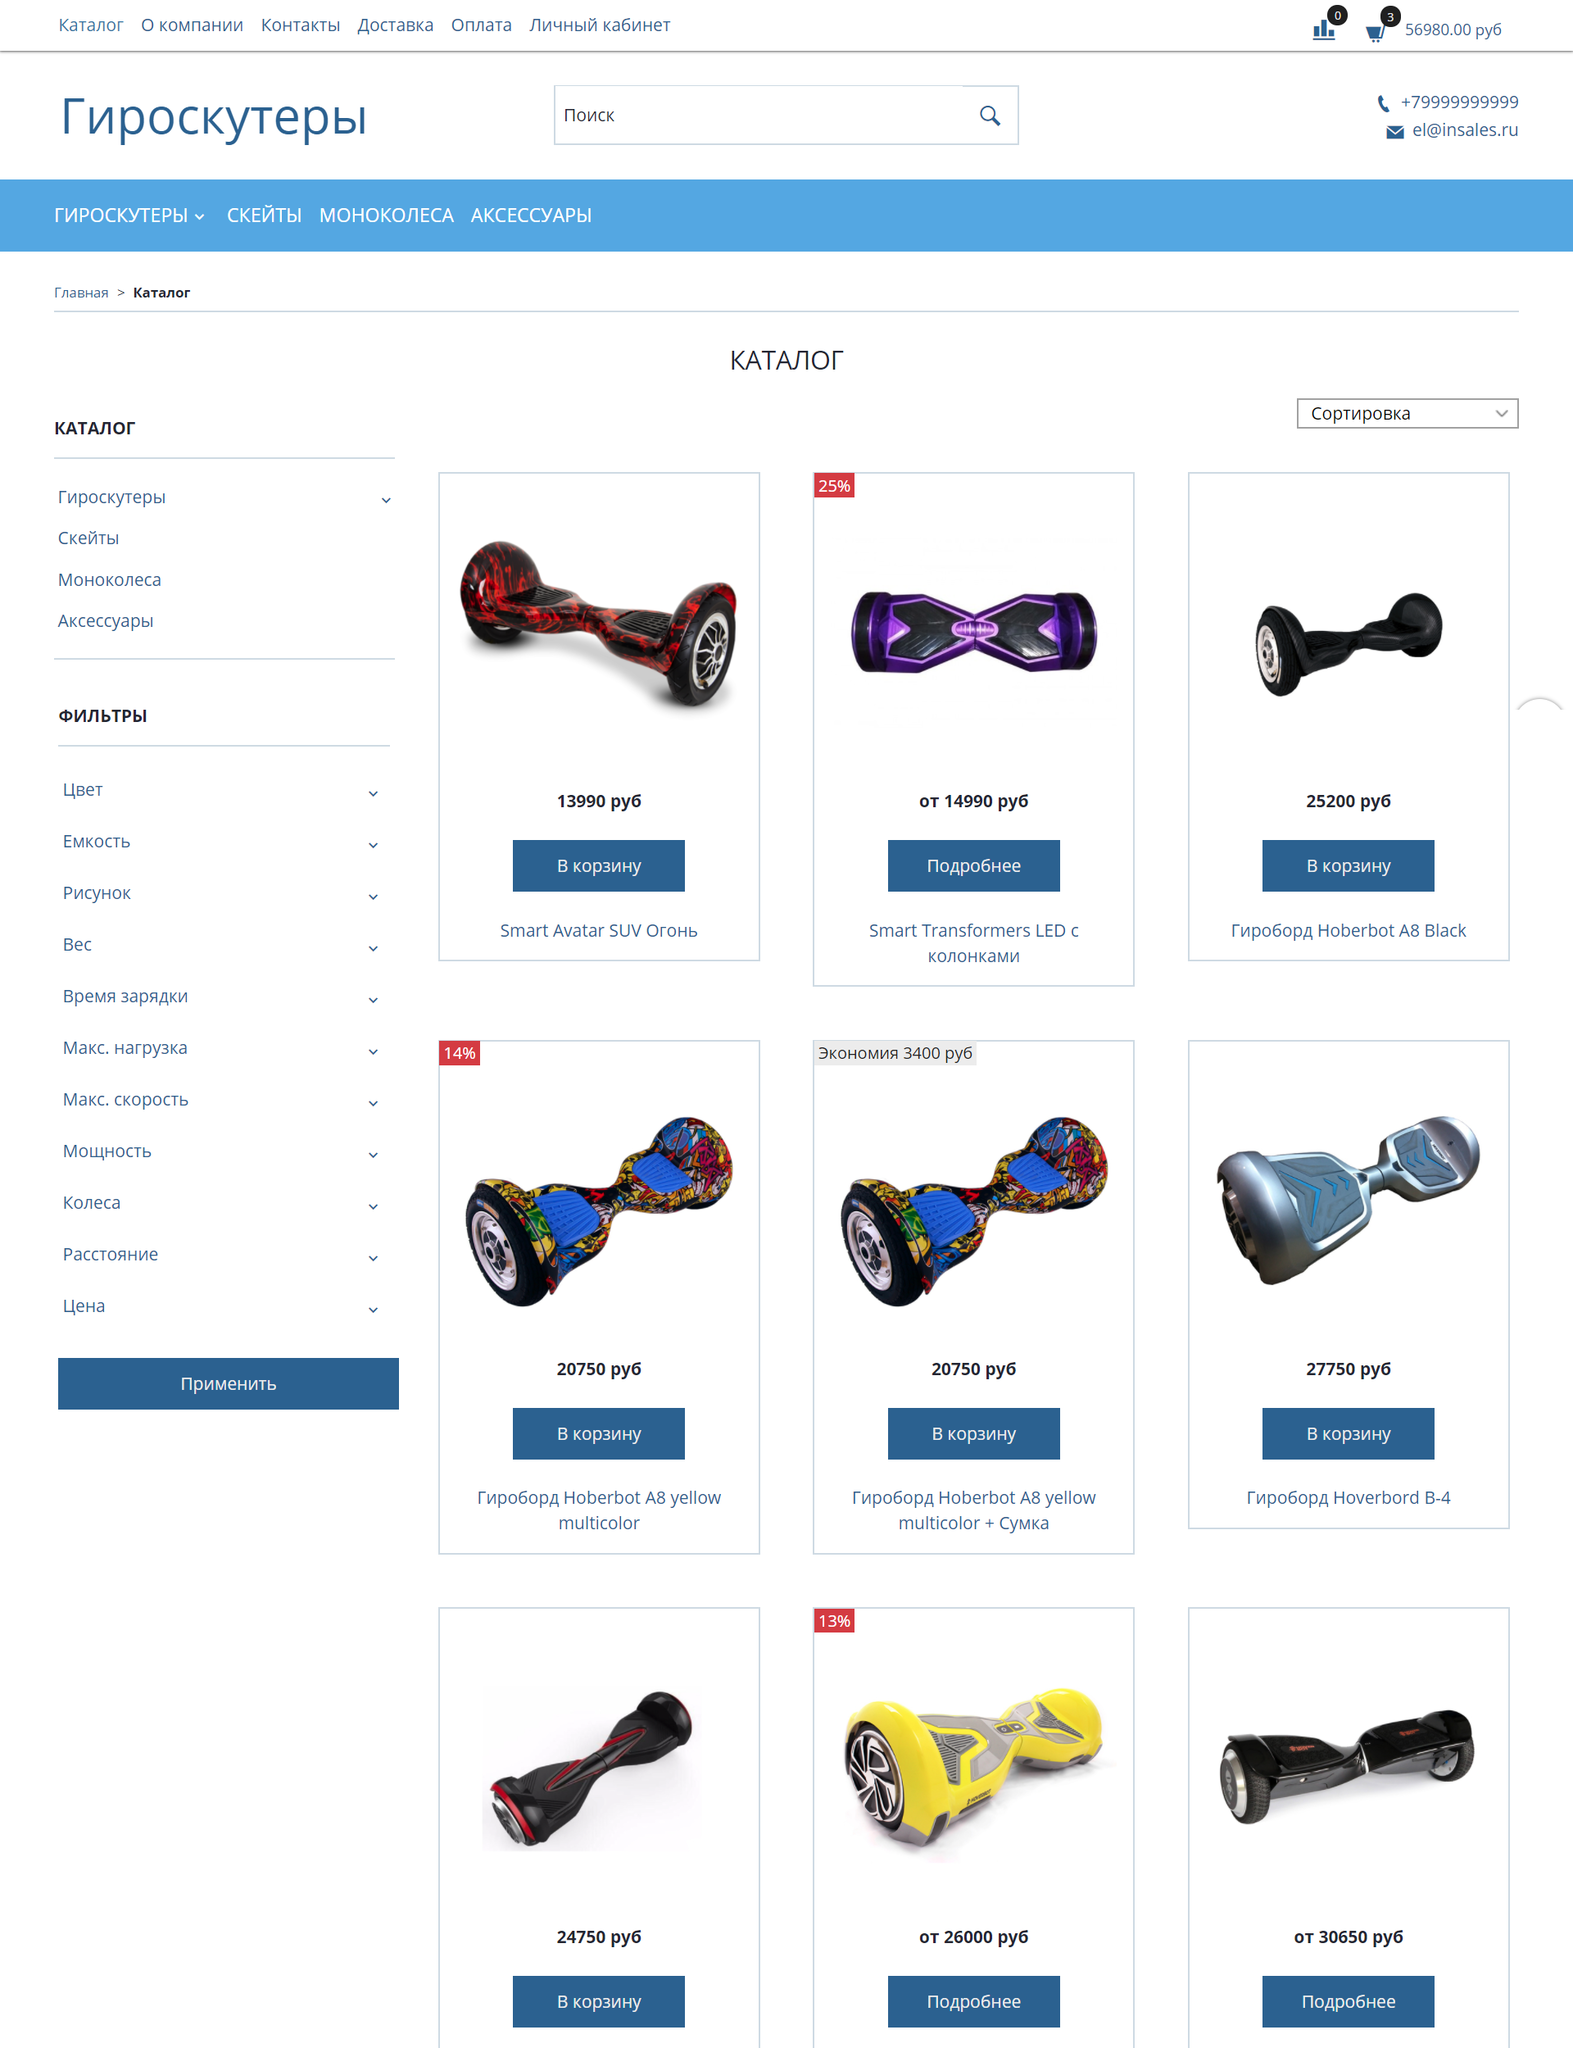 Шаблон интернет магазина - Смарт